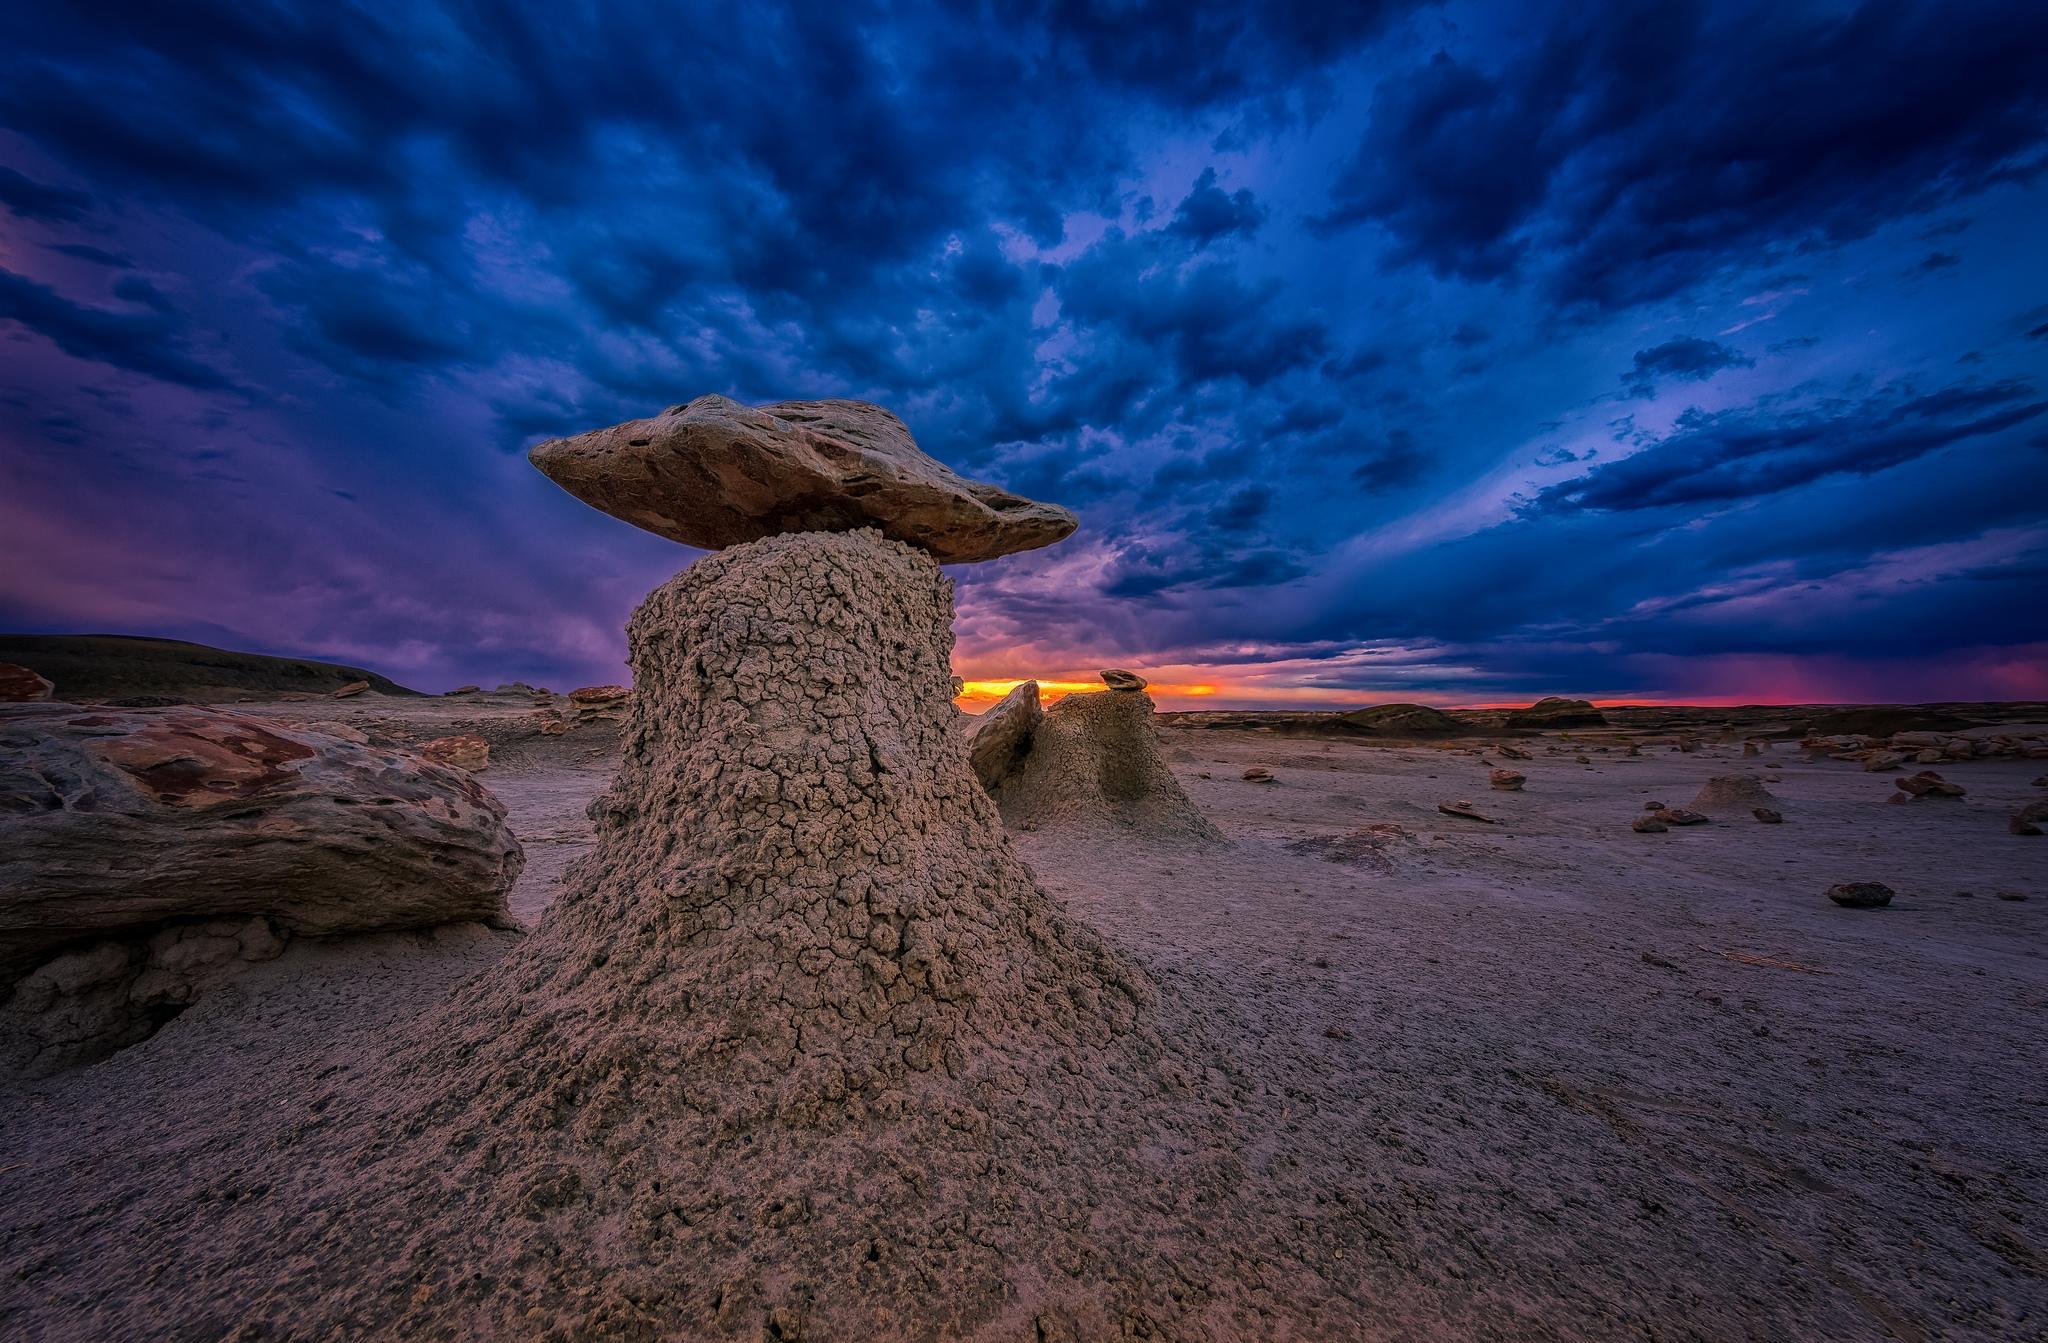 Bisti Badlands, Нью-Мексико, США, Бесплодные земли Бисти, закат, пейзаж